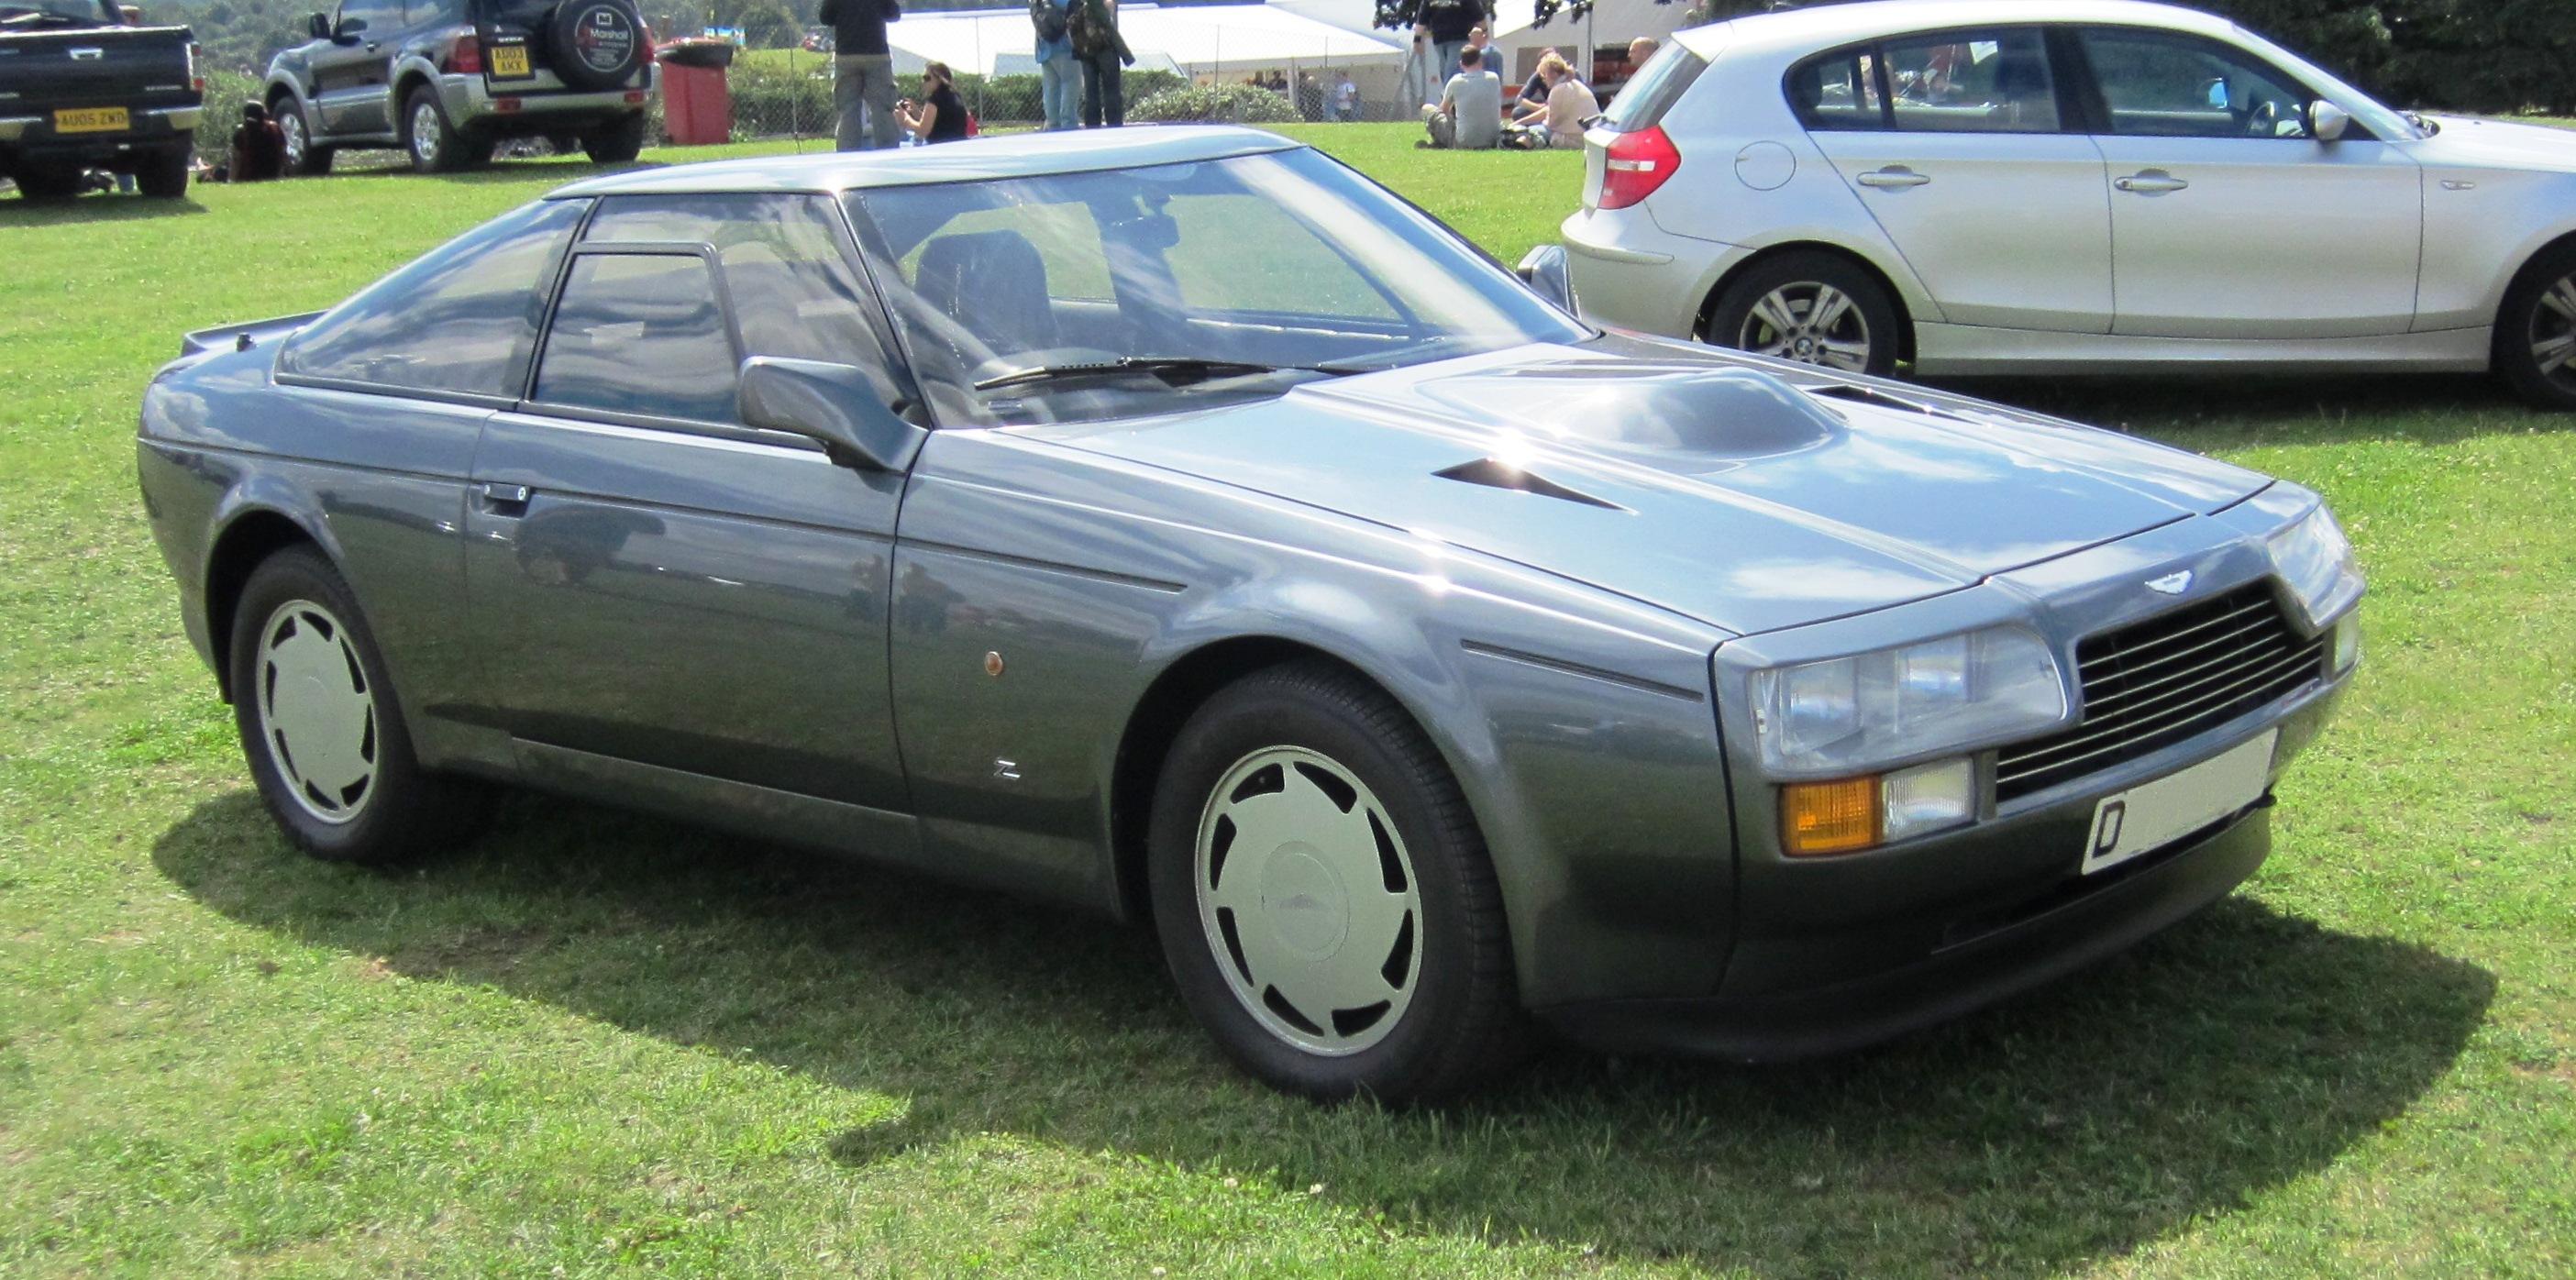 File Aston Martin V8 Zagato Registered Nov 1986 5340cc Jpg Wikimedia Commons